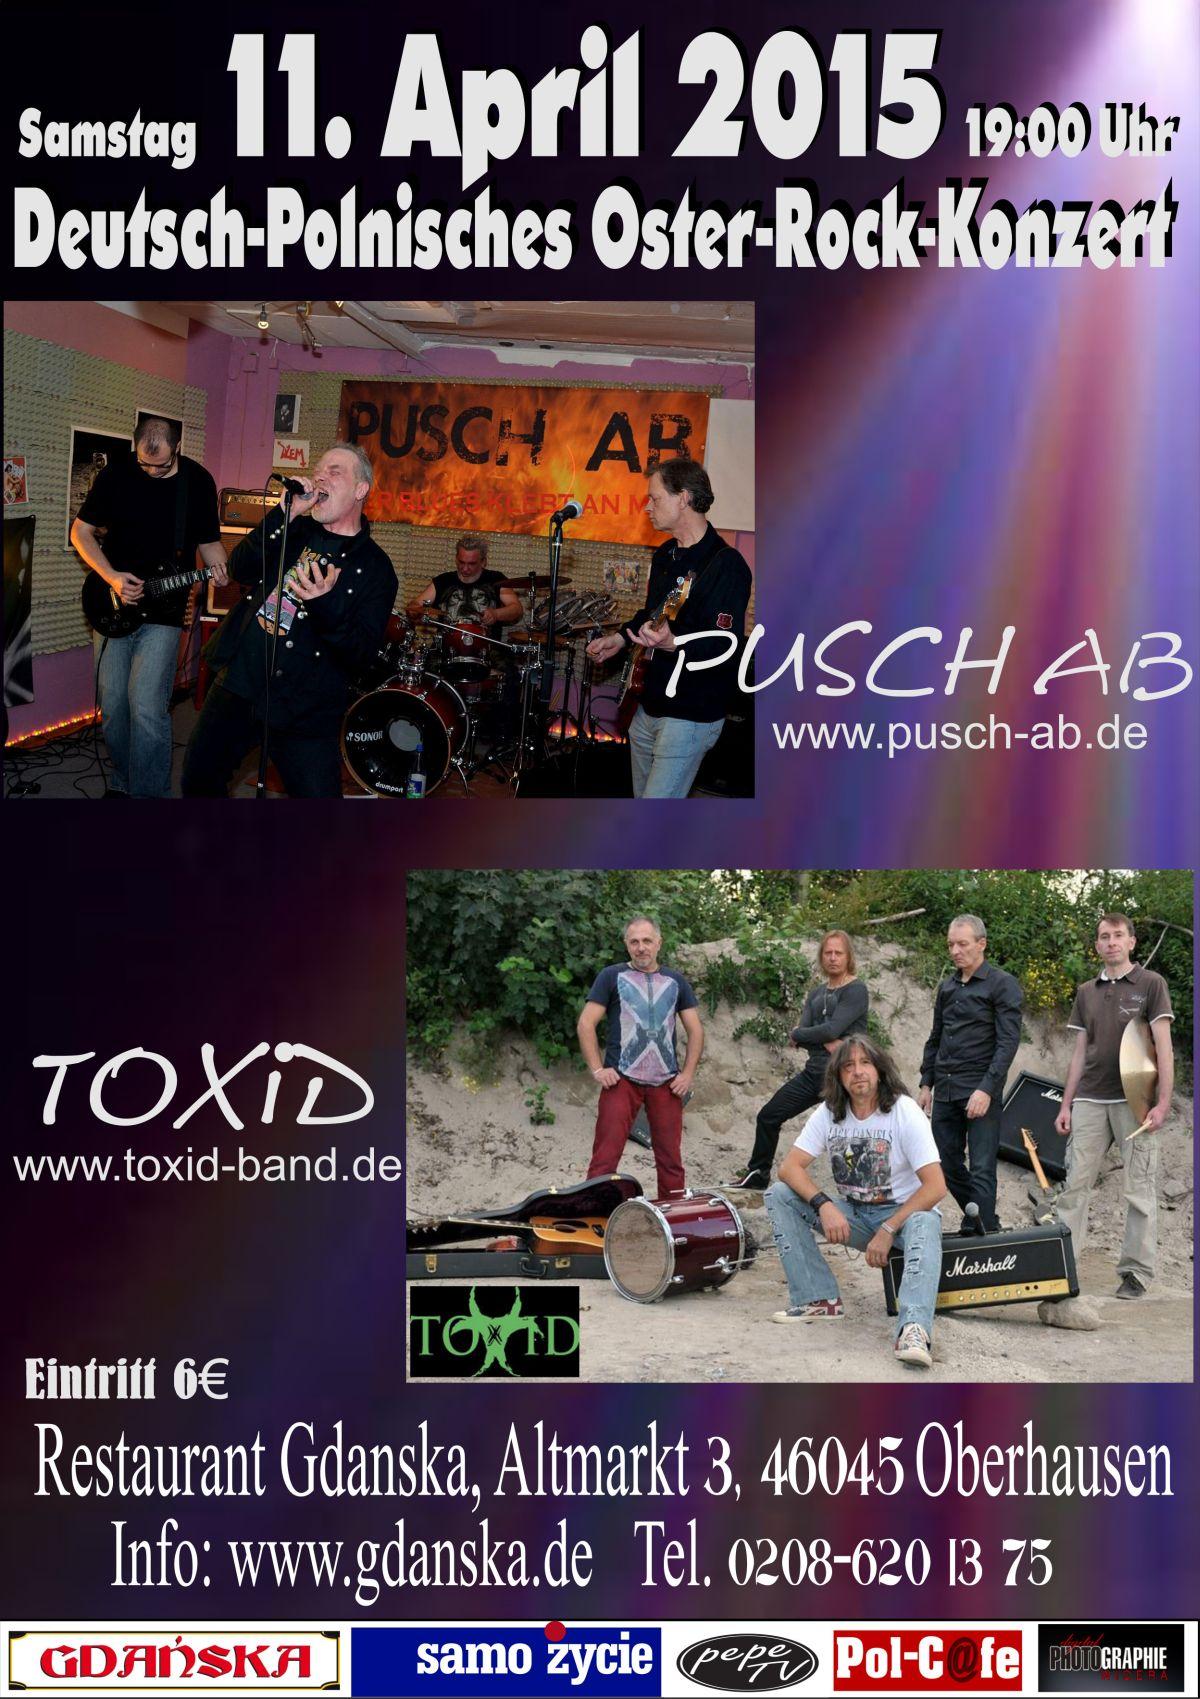 DeutschPolnischesOsterRock2015